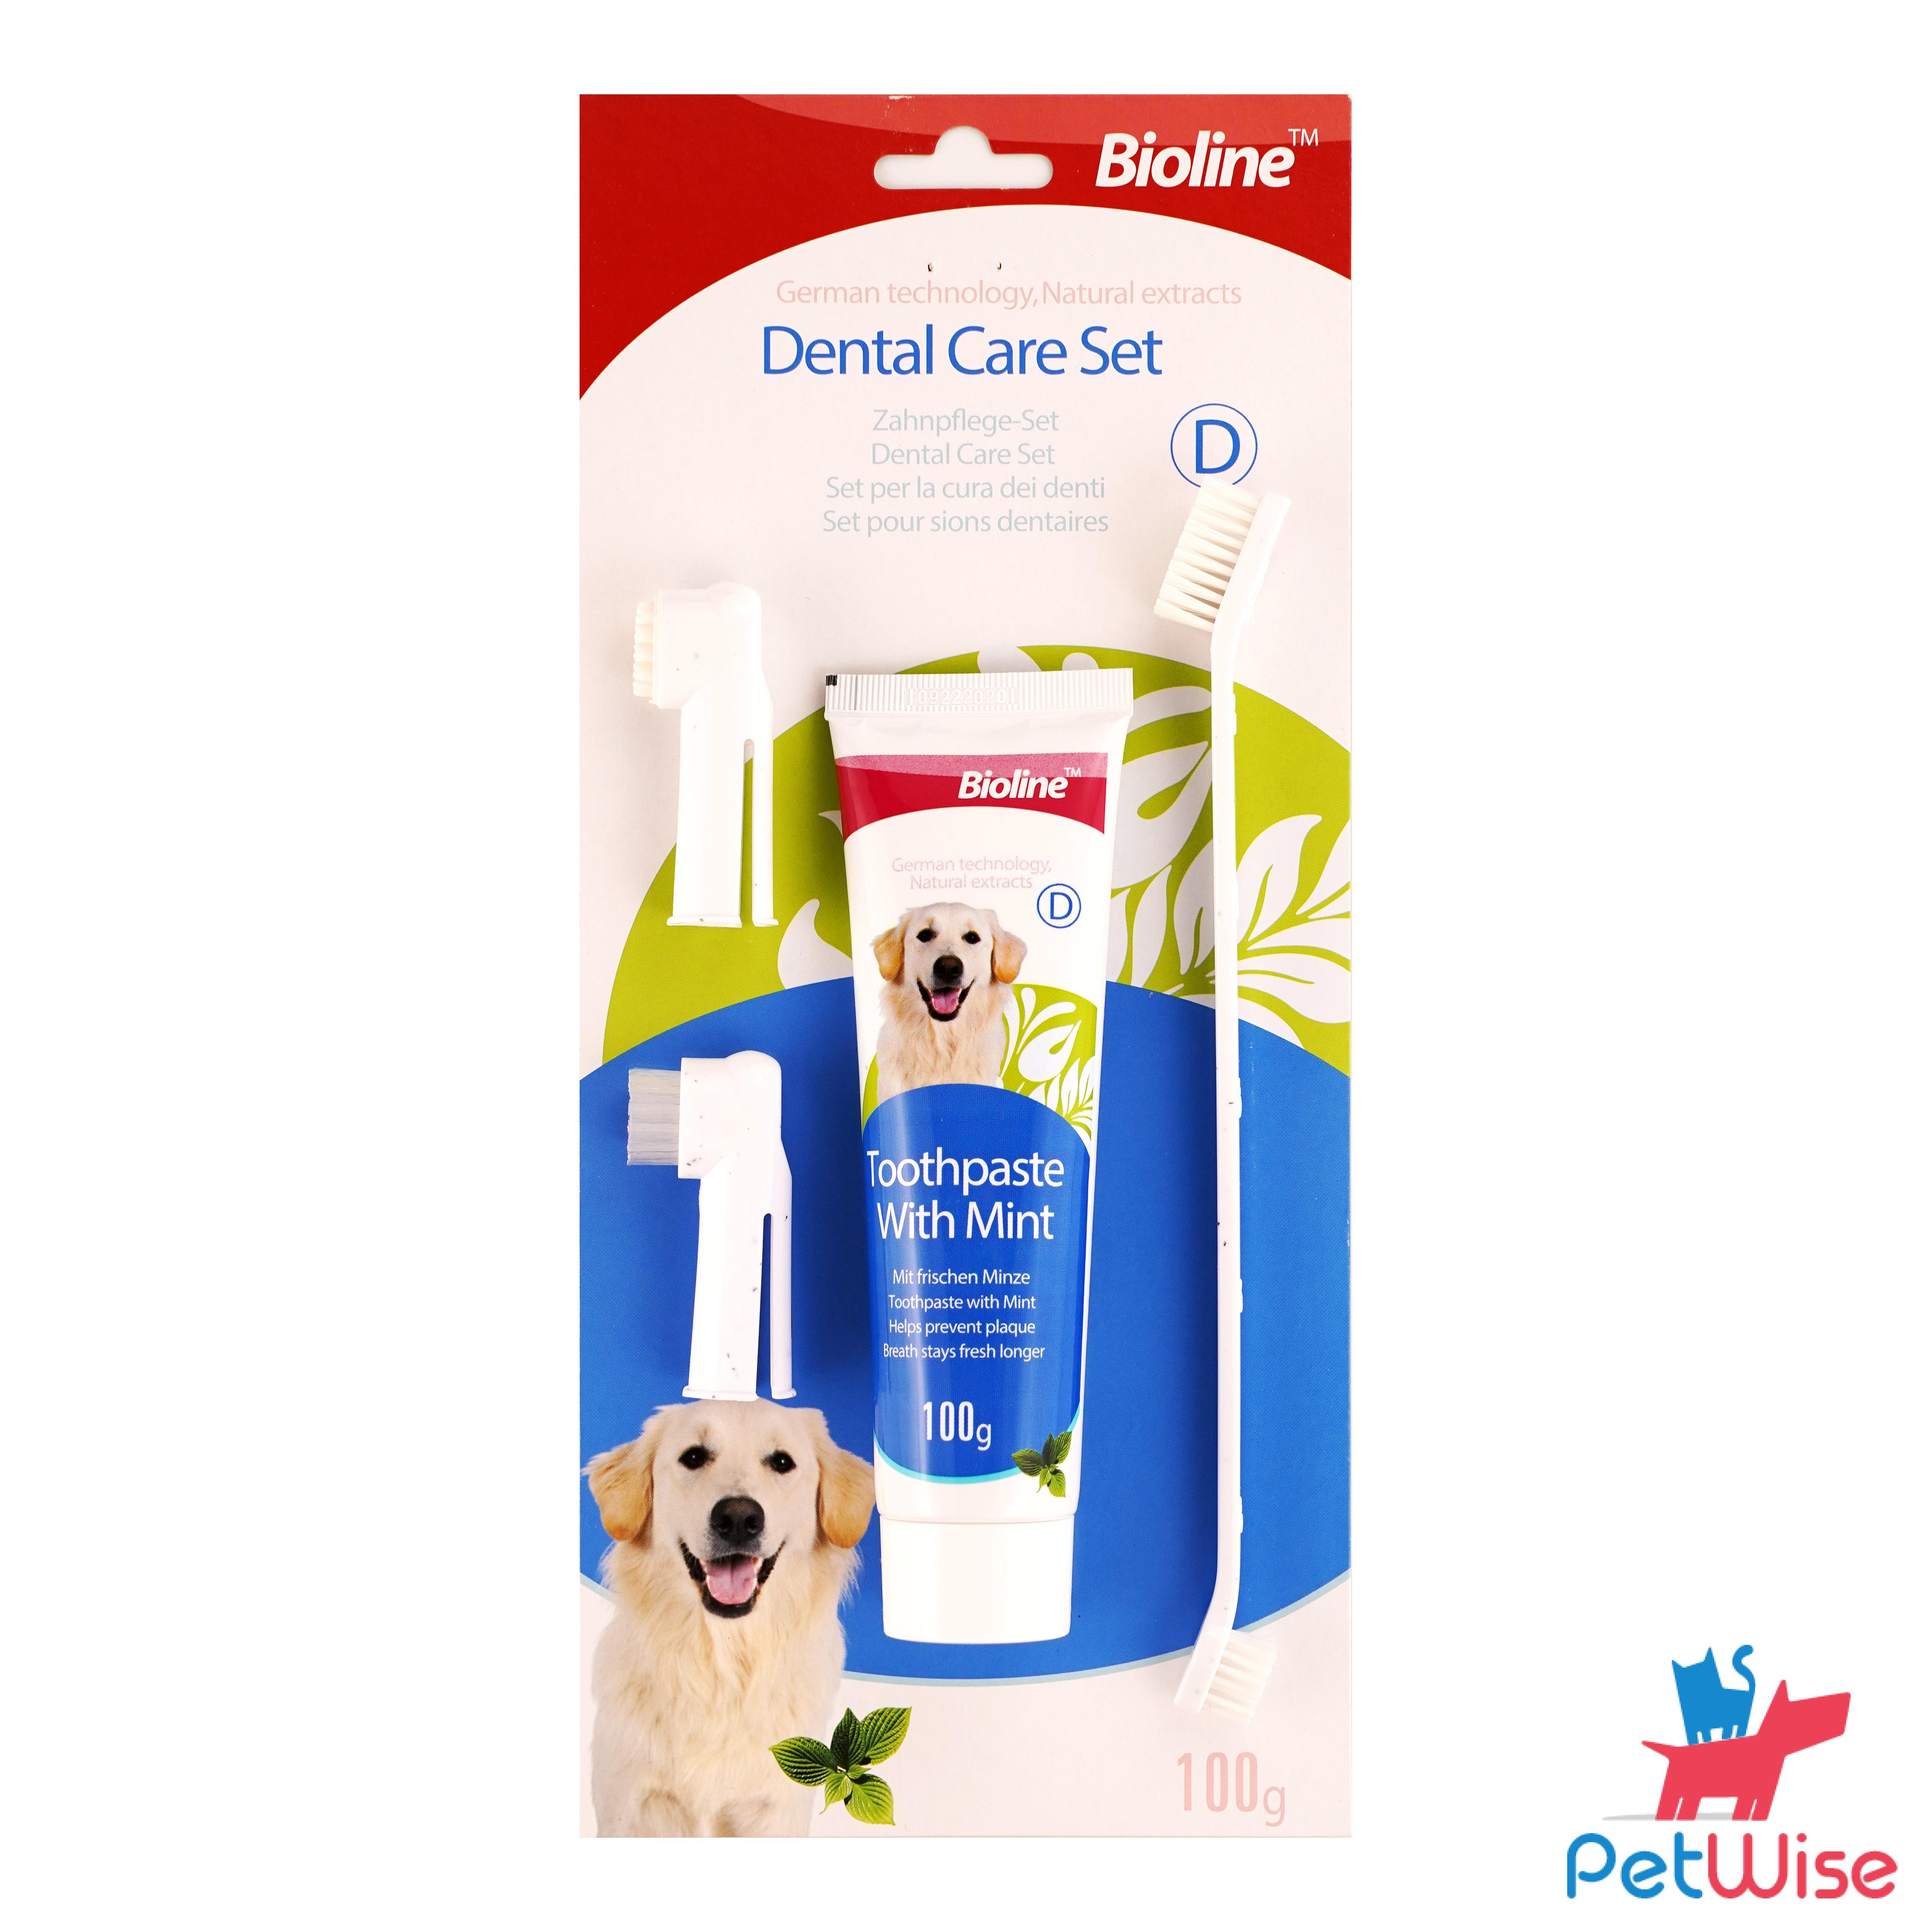 Bioline Dental Care Set For Dogs - Mint Flavour 100g.